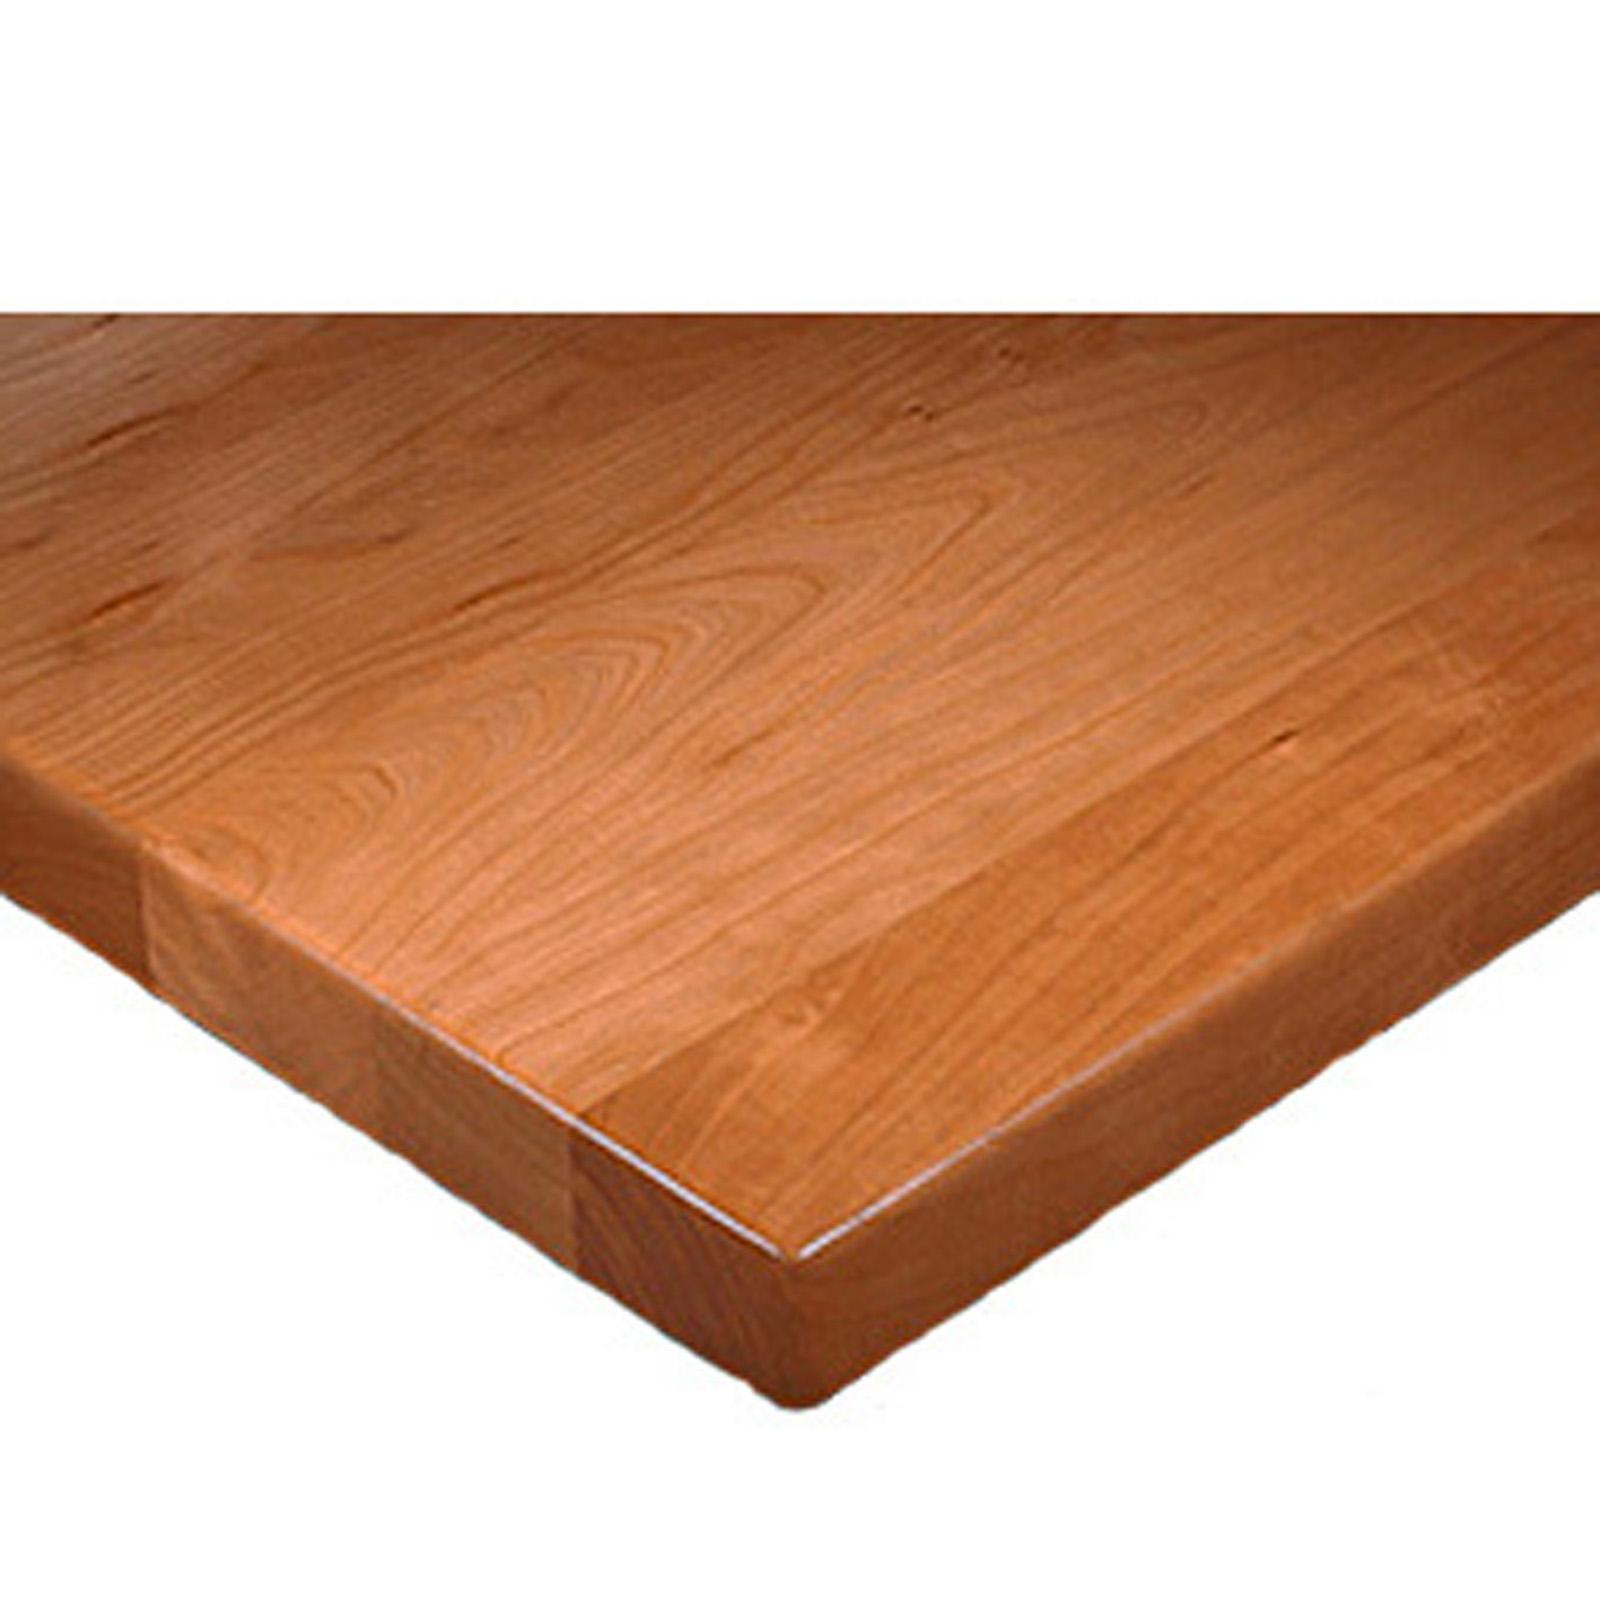 Oak Street PPO2424 table top, wood